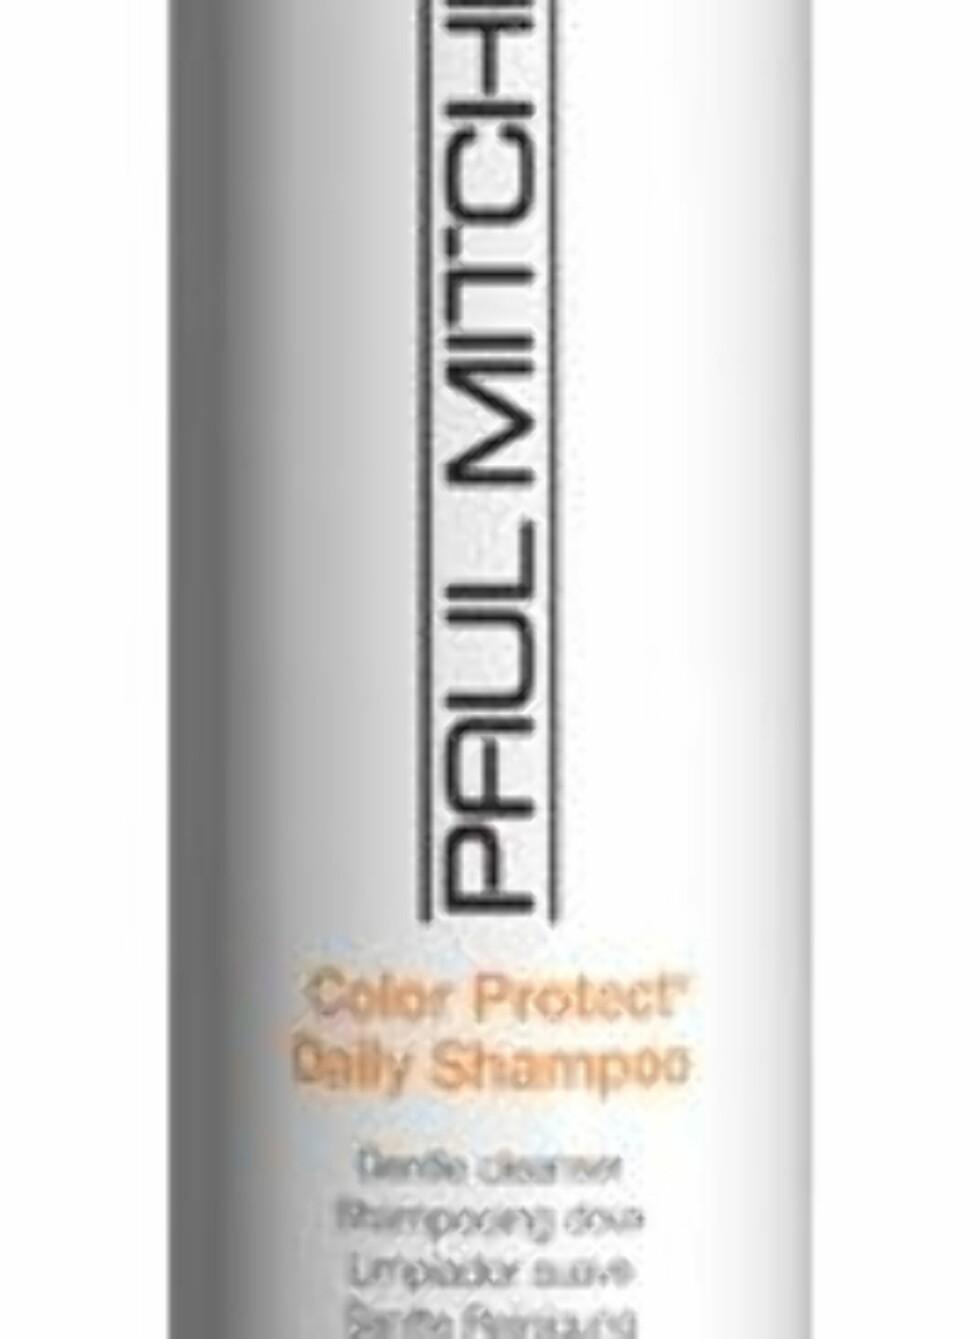 Paul Mitchell Color Protect Daily Shampoo er en mild sjampo som pleier håret og beskytter mot solbleking, siden den har UVA- og UVB-beskyttelse, veil. kr 216. Foto: Produsenten